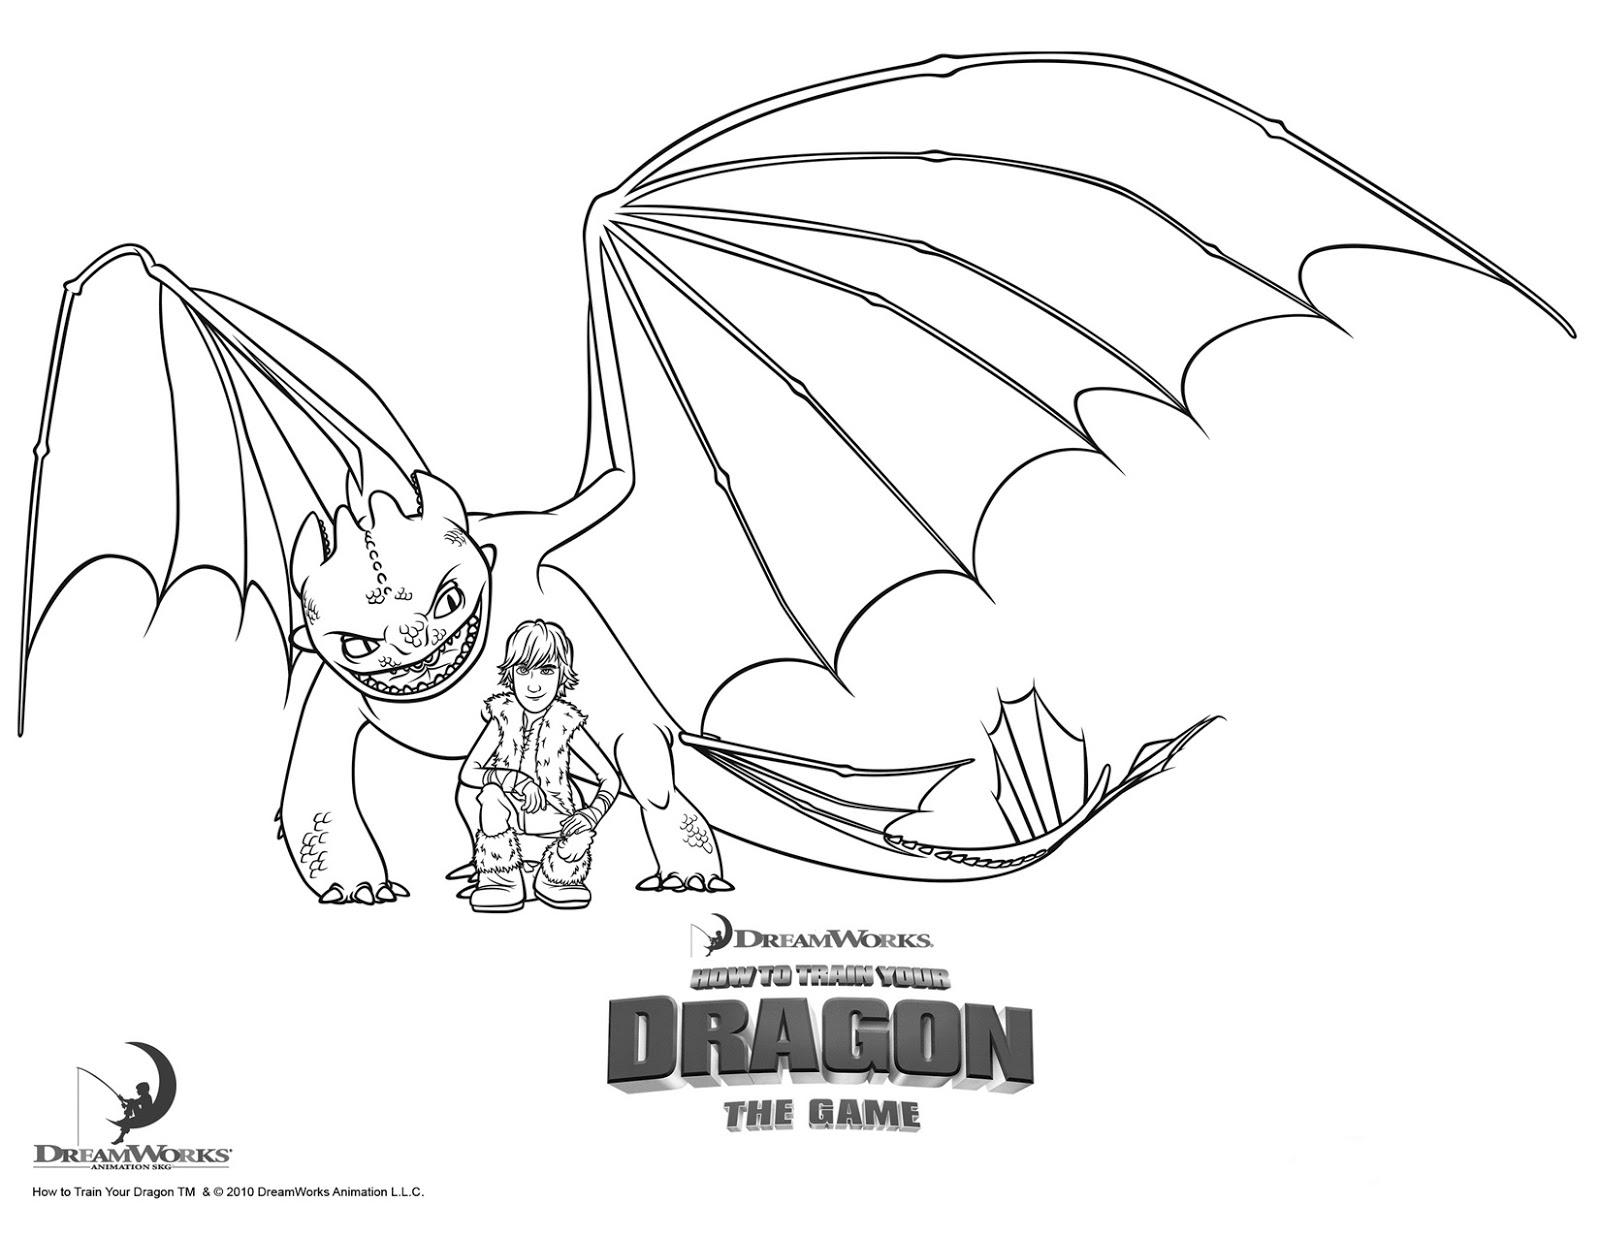 Genial Ausmalbilder Dragons Zum Ausdrucken Top Kostenlos Färbung